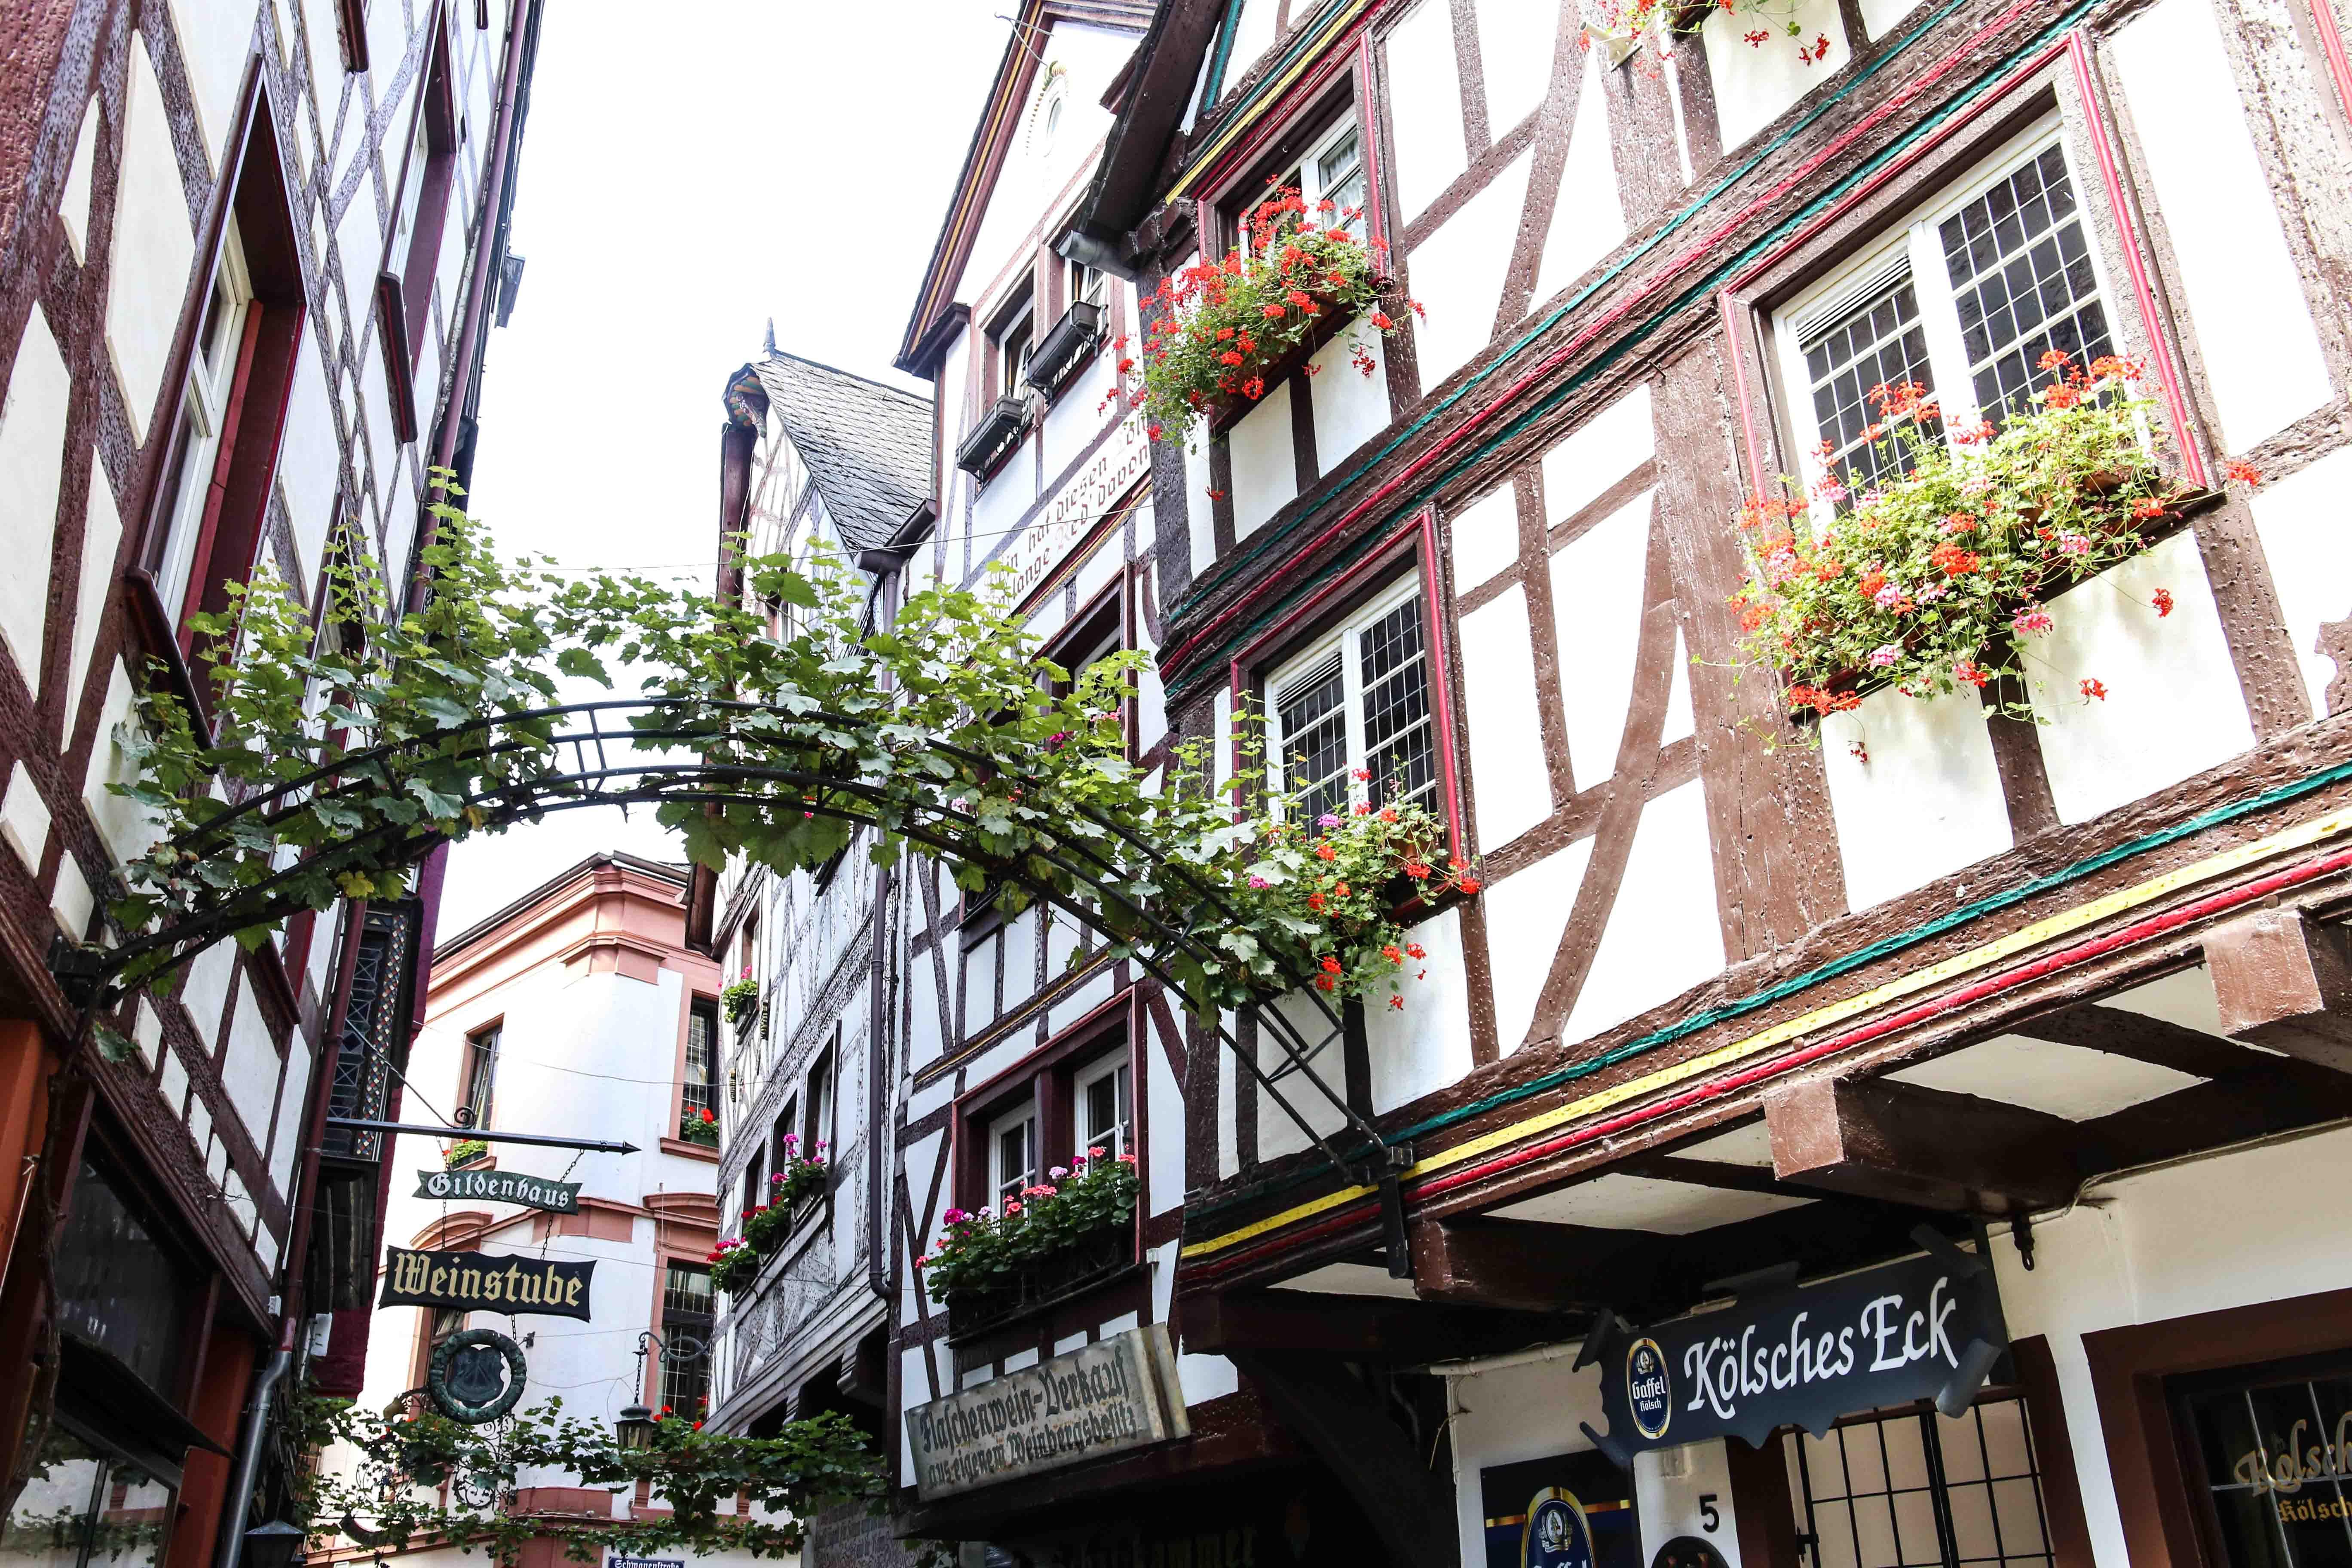 urlaub-mosel-regio-auszeit-romantik-jugendstilhotel-bellevue-traben-trarbach-deutschland-blogger_9020